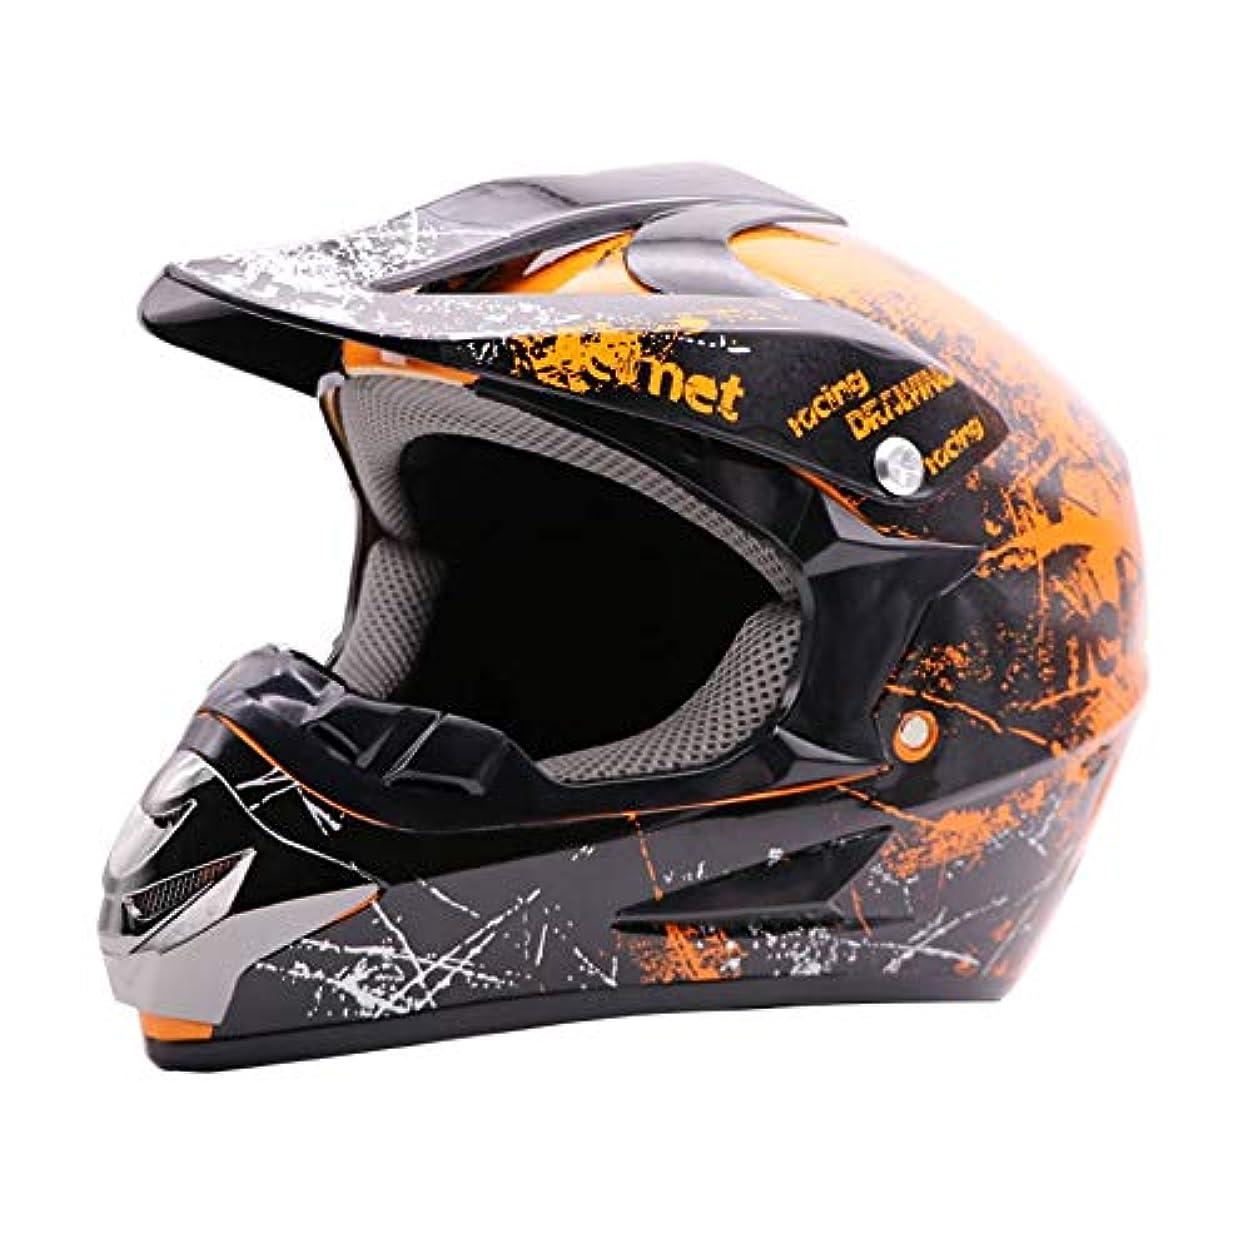 通訳ズームどこでもTOMSSL高品質 男性と女性の四季普遍的なヘルメットダブルフロントガラスオートバイヘルメット/電動オートバイヘルメット快適 TOMSSL高品質 (Size : L)